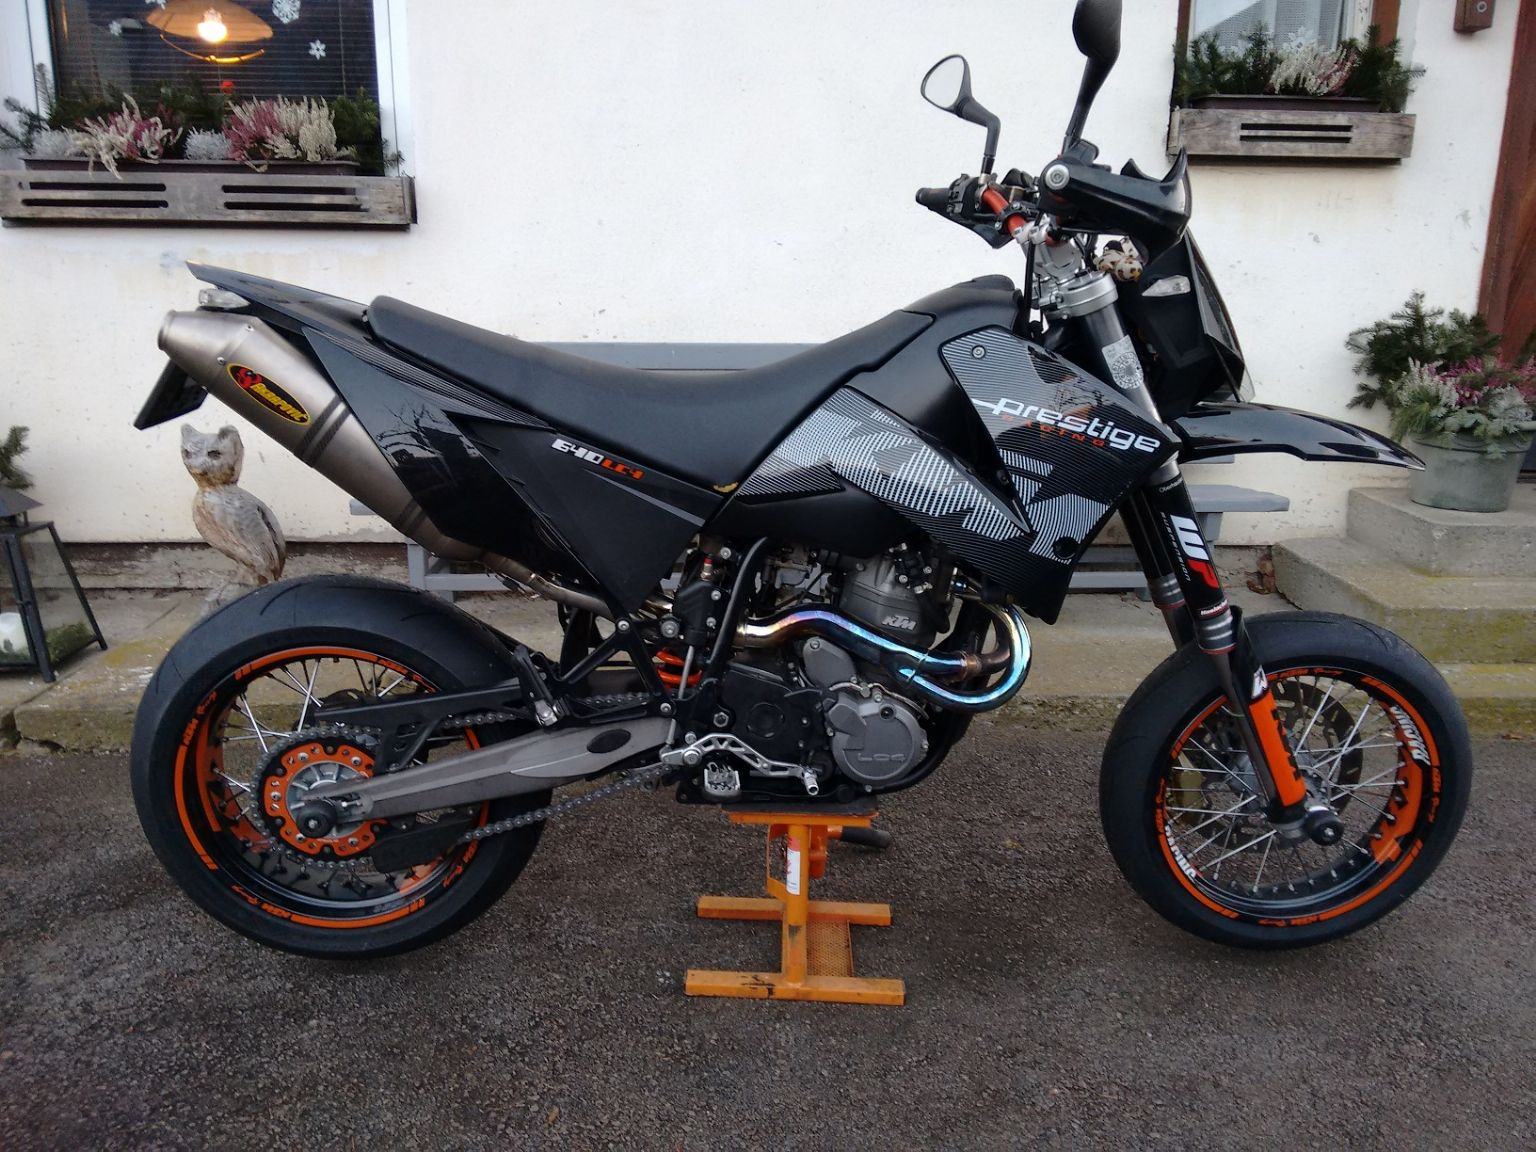 2001 Ktm 640 Lc4 Supermoto Wiring Diagram Umgebautes Motorrad Von Nwgjulian 1536x1152